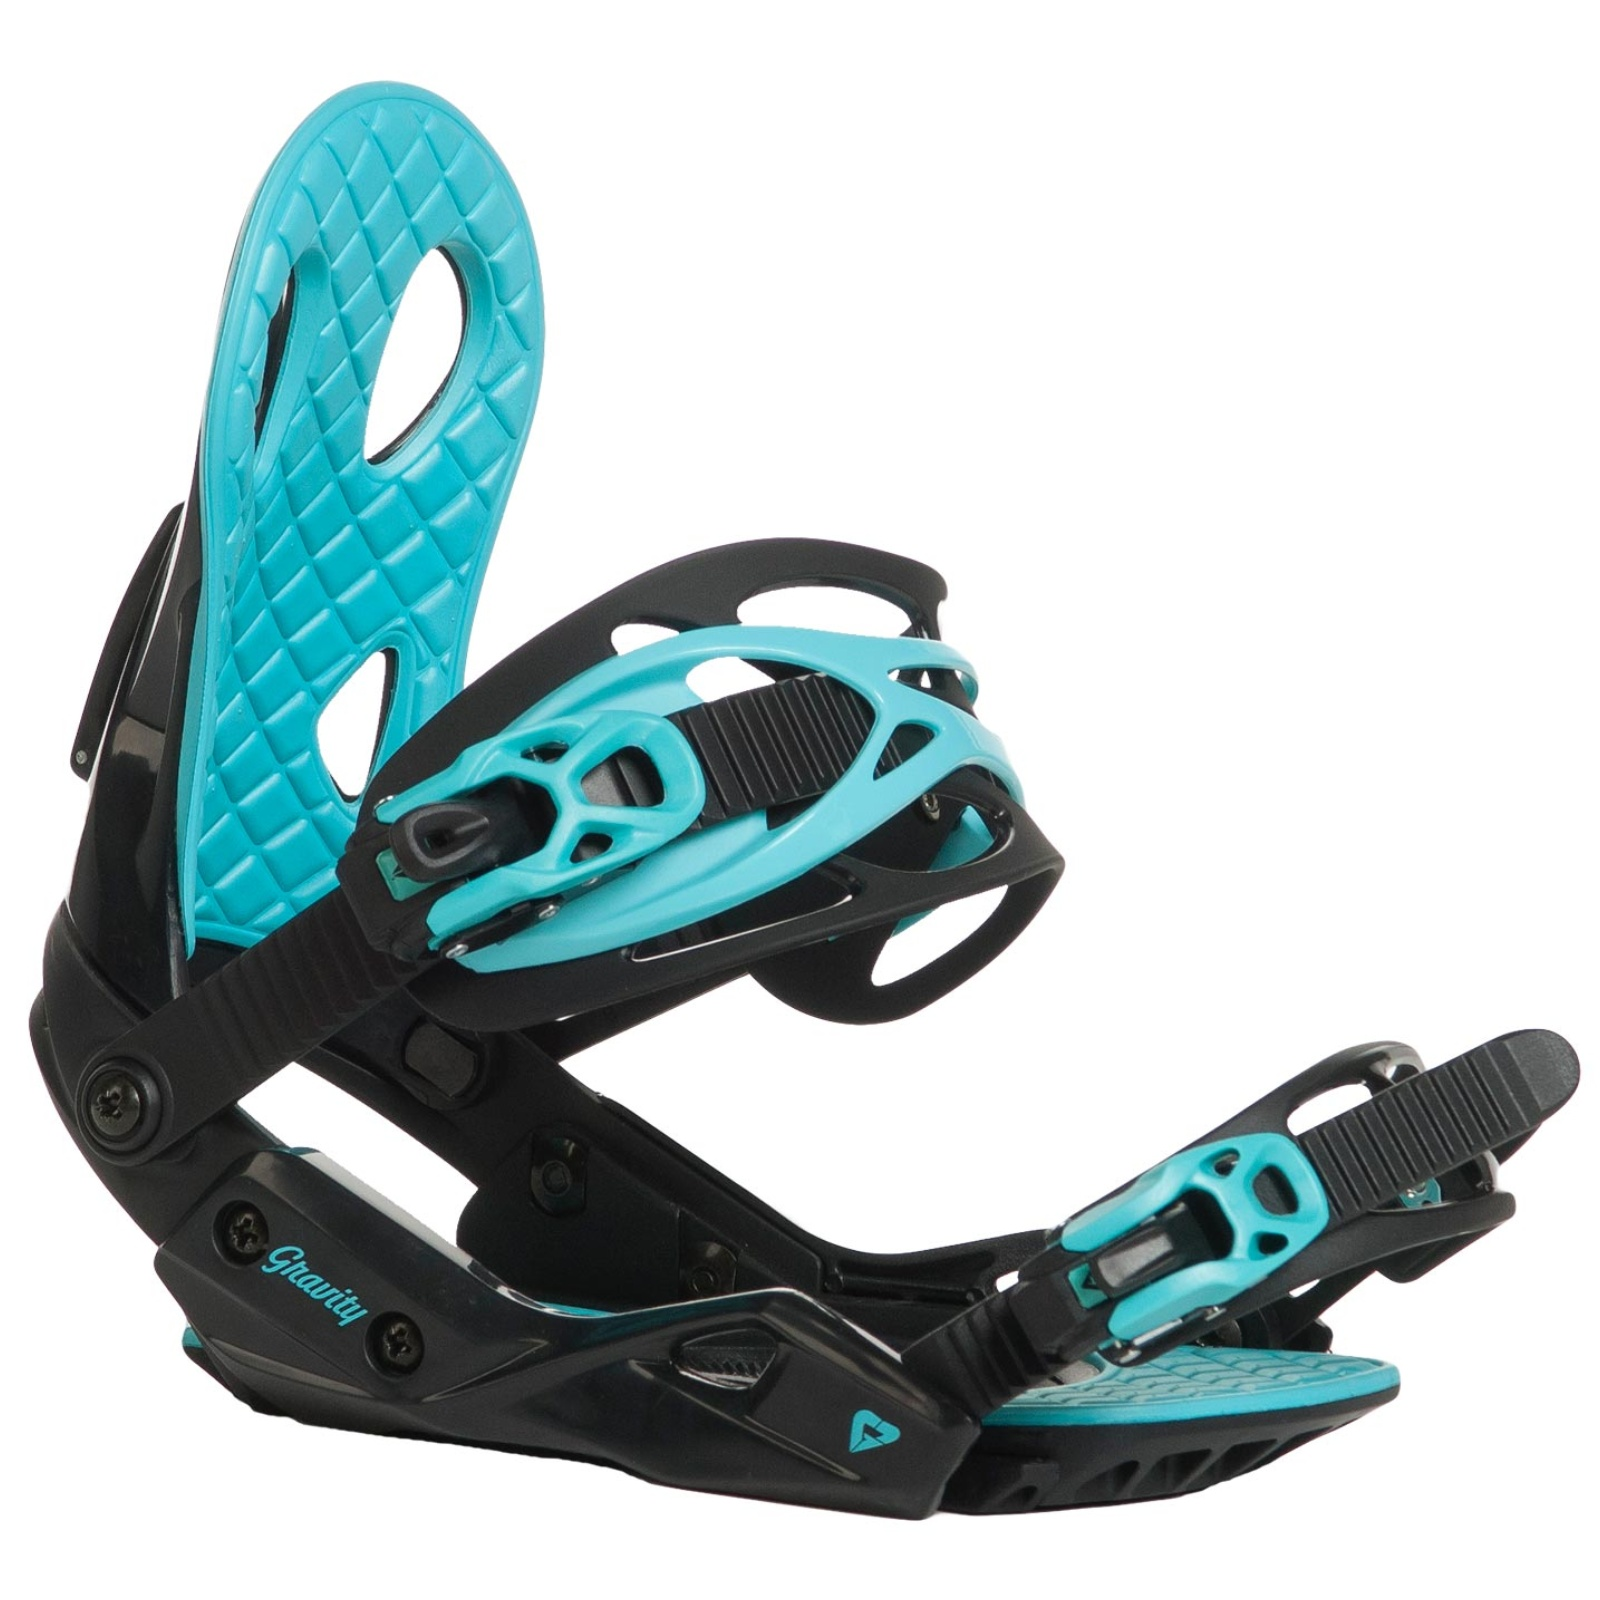 Snowboard vázání GRAVITY G2 dámské modré - vel. L